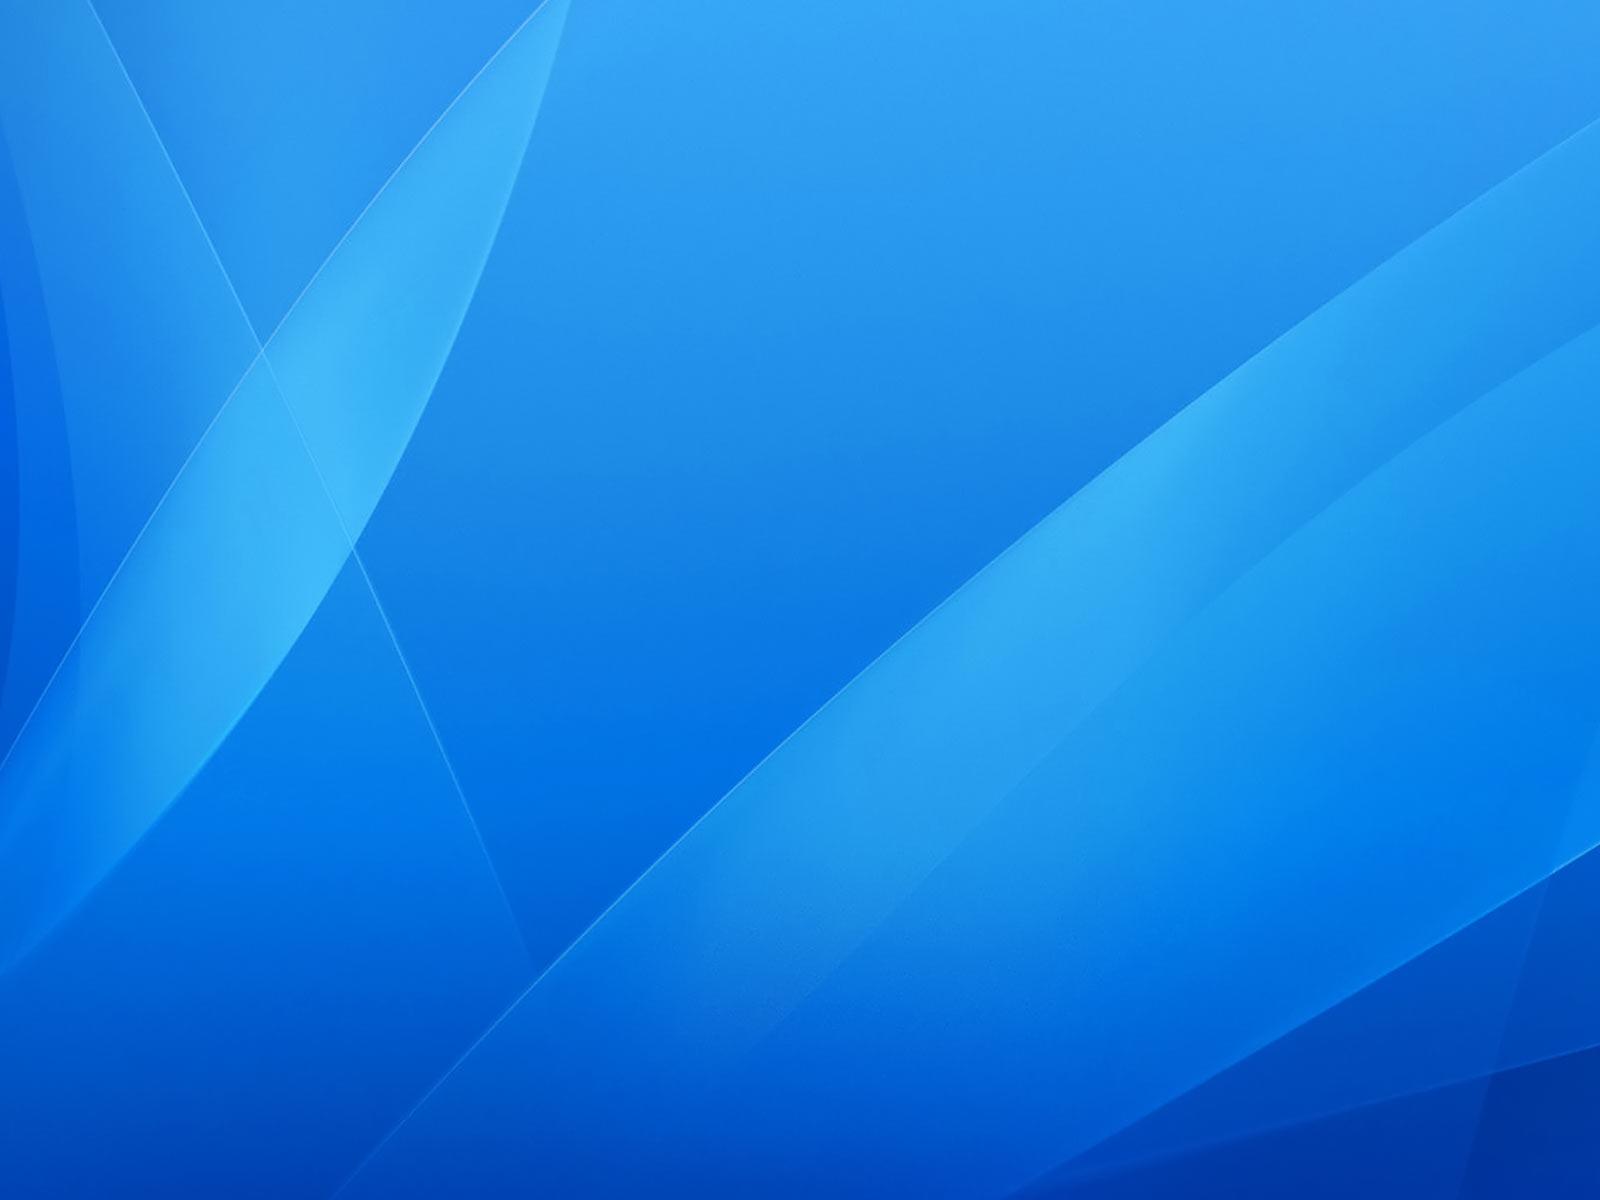 Aqua Blue   Windows 7 Wallpaper 26873778 1600x1200